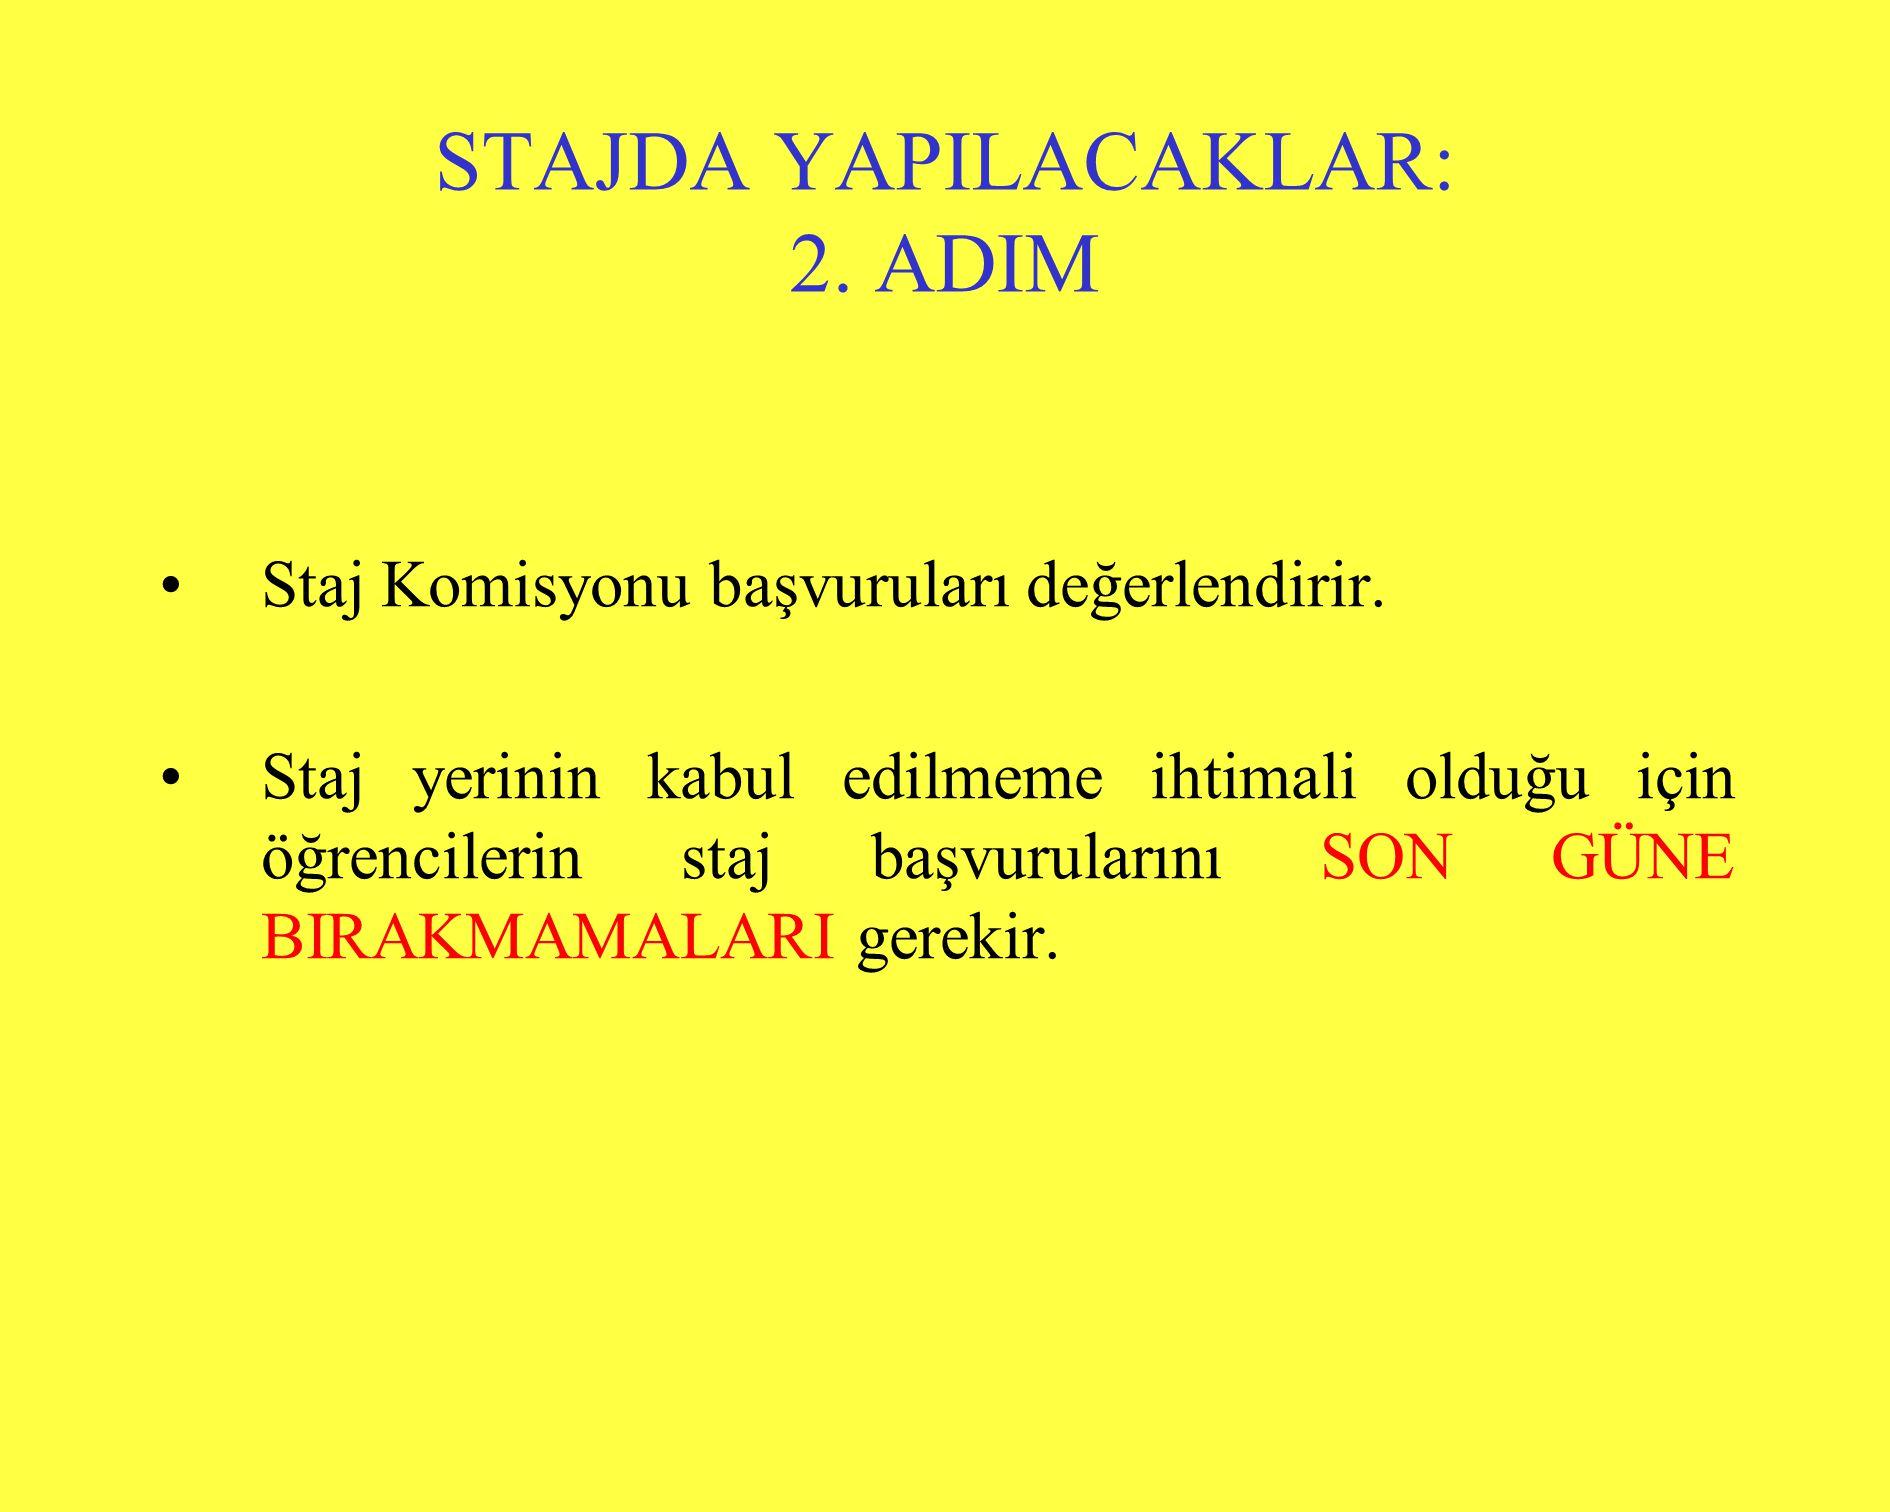 STAJDA YAPILACAKLAR: 2. ADIM •Staj Komisyonu başvuruları değerlendirir. •Staj yerinin kabul edilmeme ihtimali olduğu için öğrencilerin staj başvurular